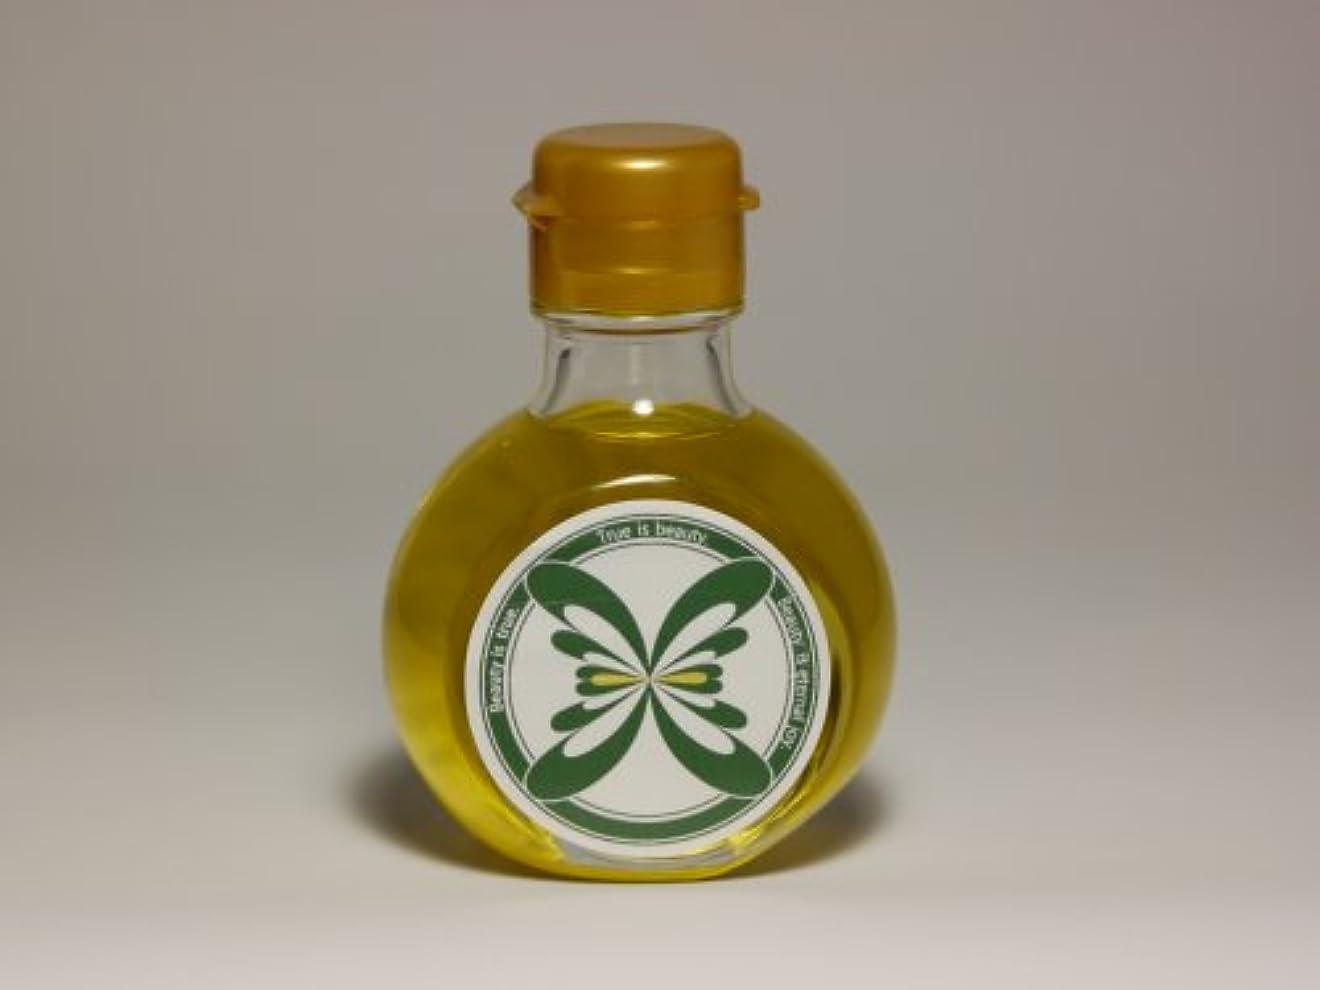 ナチュラ出演者絡まるモリンガゴールドオイル100 100ml 酸化しにくい飽和脂肪酸含有のモリンガオイル100%で、クレンジング(特にアイメイク落し)?保湿?ヘアオイルなど、色々な用途に使えます。